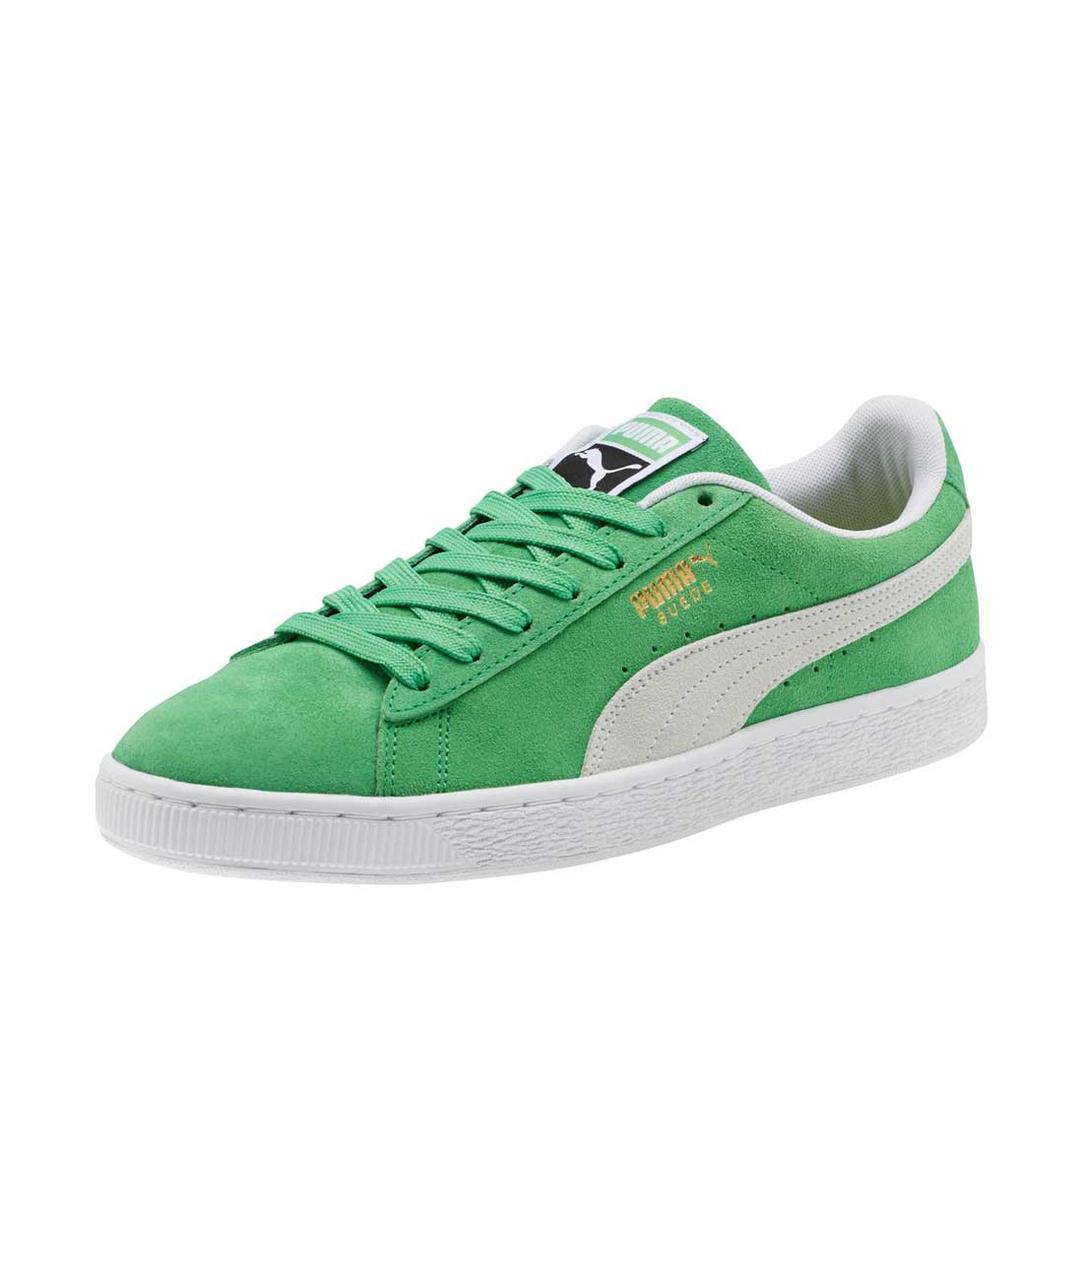 Зеленые мужские кеды Poma Suede Classic Sneakers